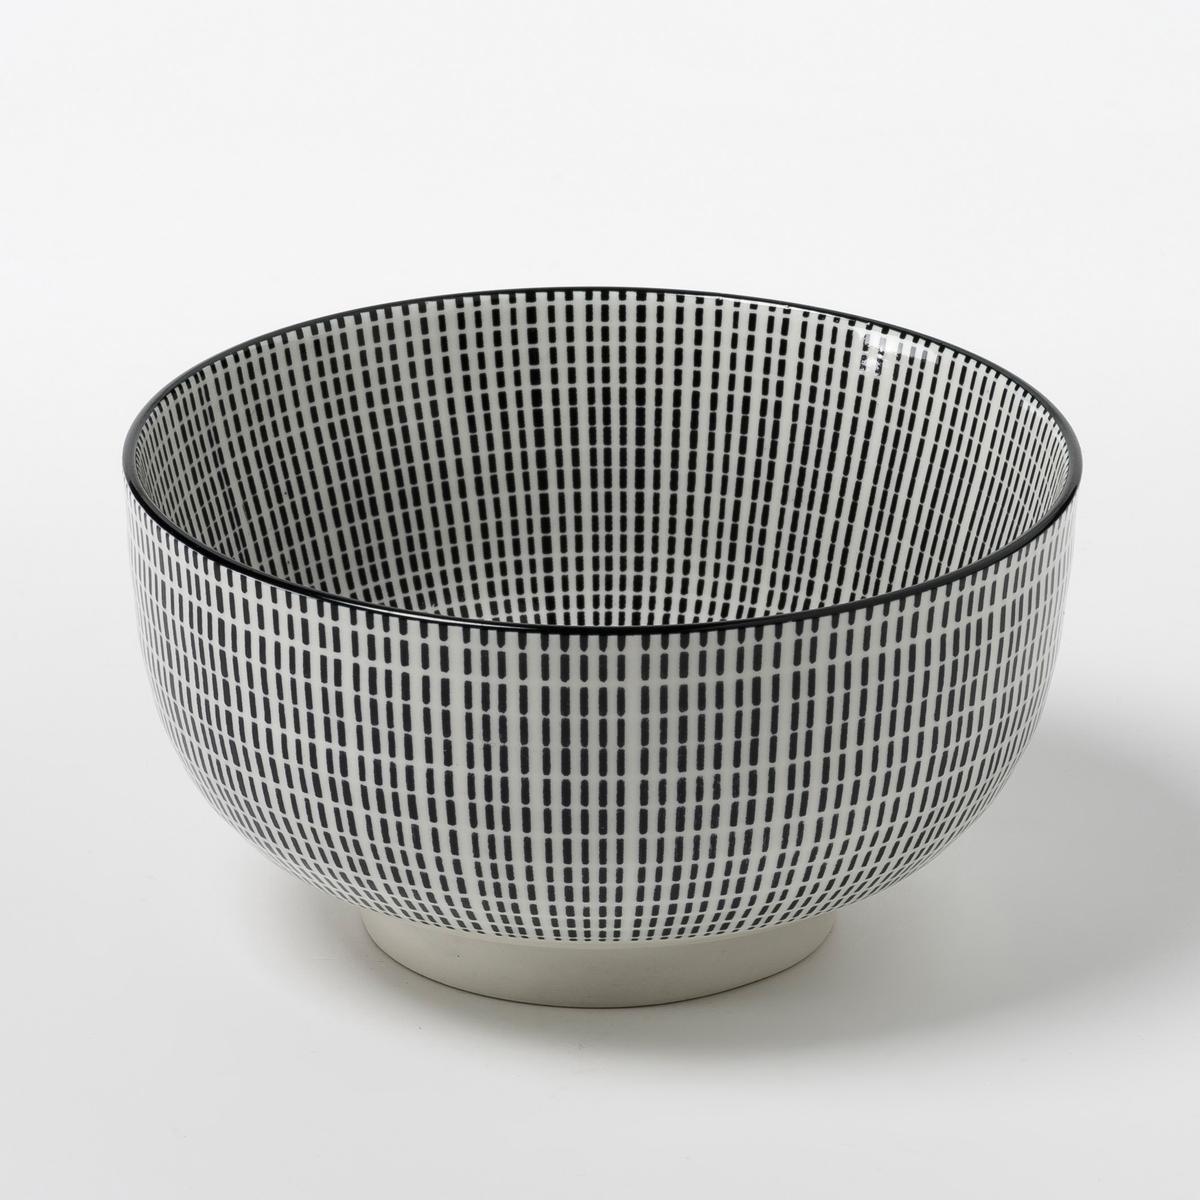 4 чаши фарфоровые Shigoni4 чаши Shigoni. Чаша в азиатском стиле с рифленой поверхностью. Глазурованный фарфор. Размеры: ?12,7. Подходит для посудомоечных машин и микроволновых печей. Выбор мелких и десертных тарелок на сайте.<br><br>Цвет: черный + белый